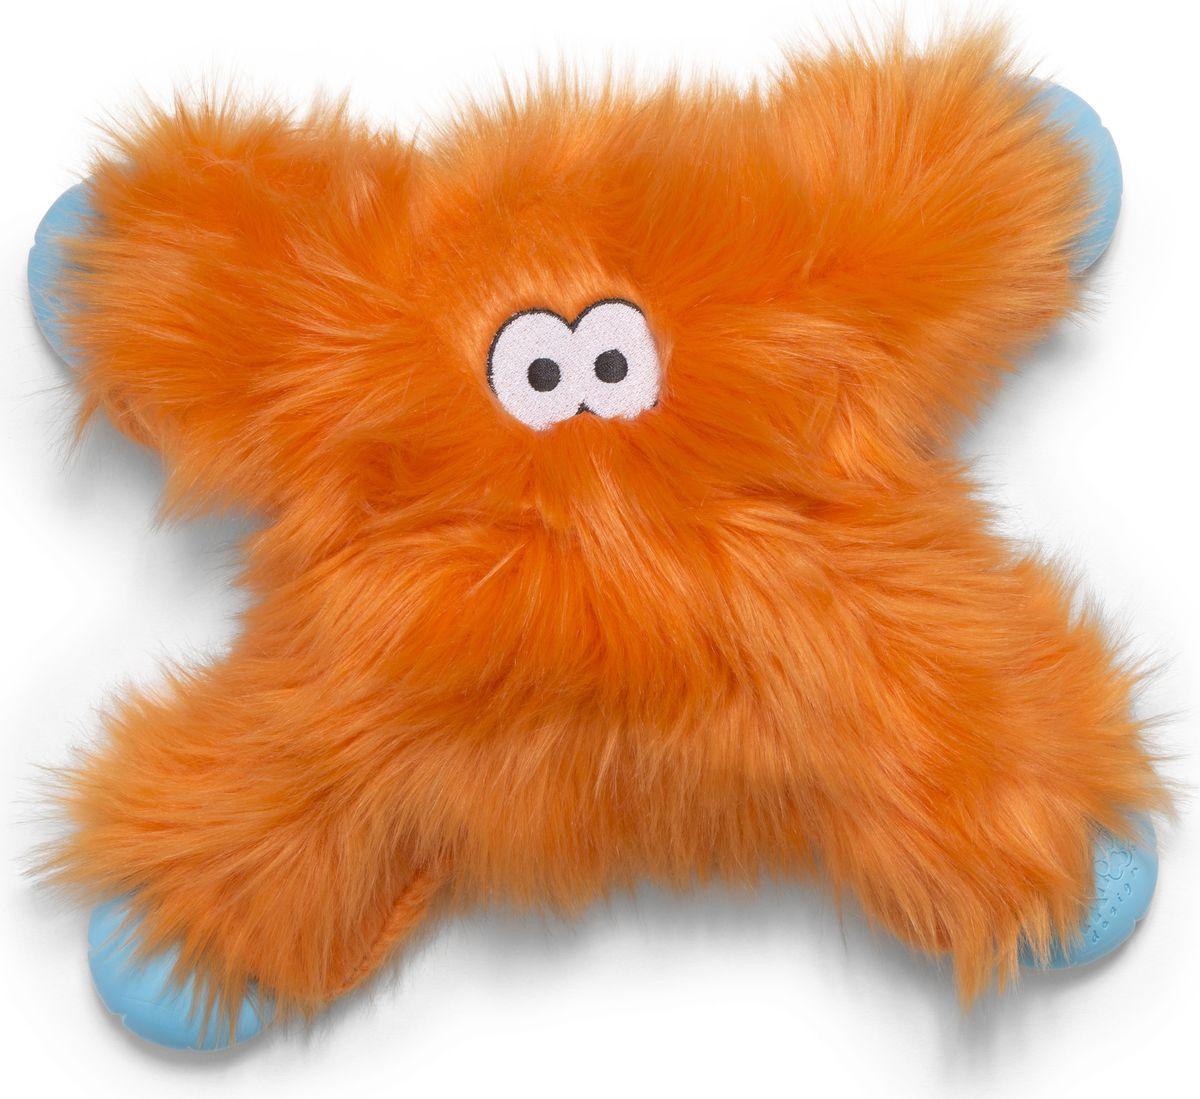 Игрушка для собак Zogoflex Rowdies Lincoln, цвет: оранжевый, 28 см zogoflex zogoflex игрушка для собак мячик jive xs 5 см оранжевый